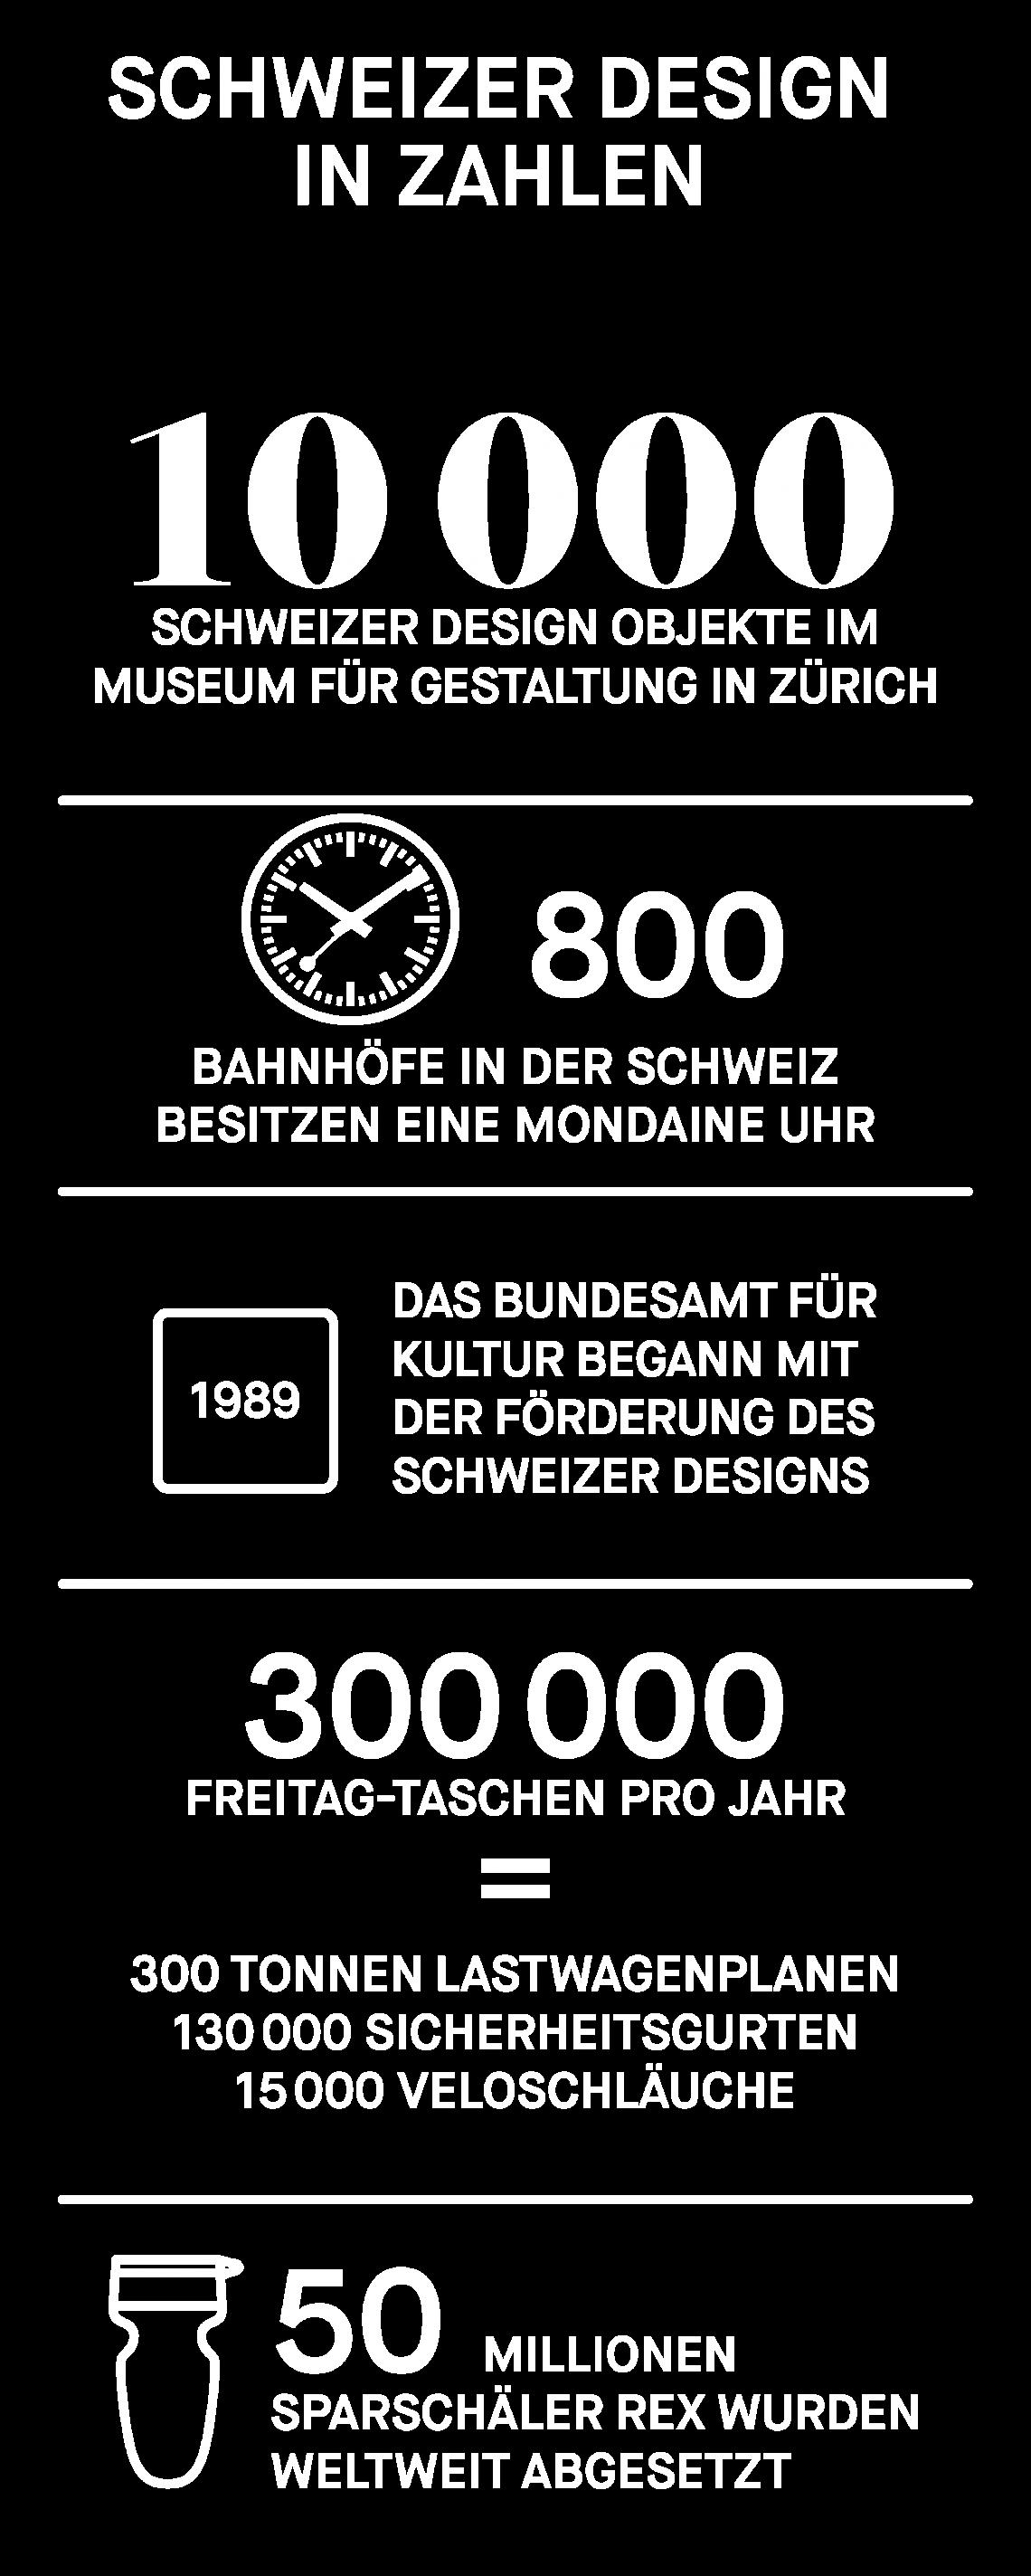 Prestige Switzerland Volume 43 By Rundschaumedien Ag Issuu Designer ...